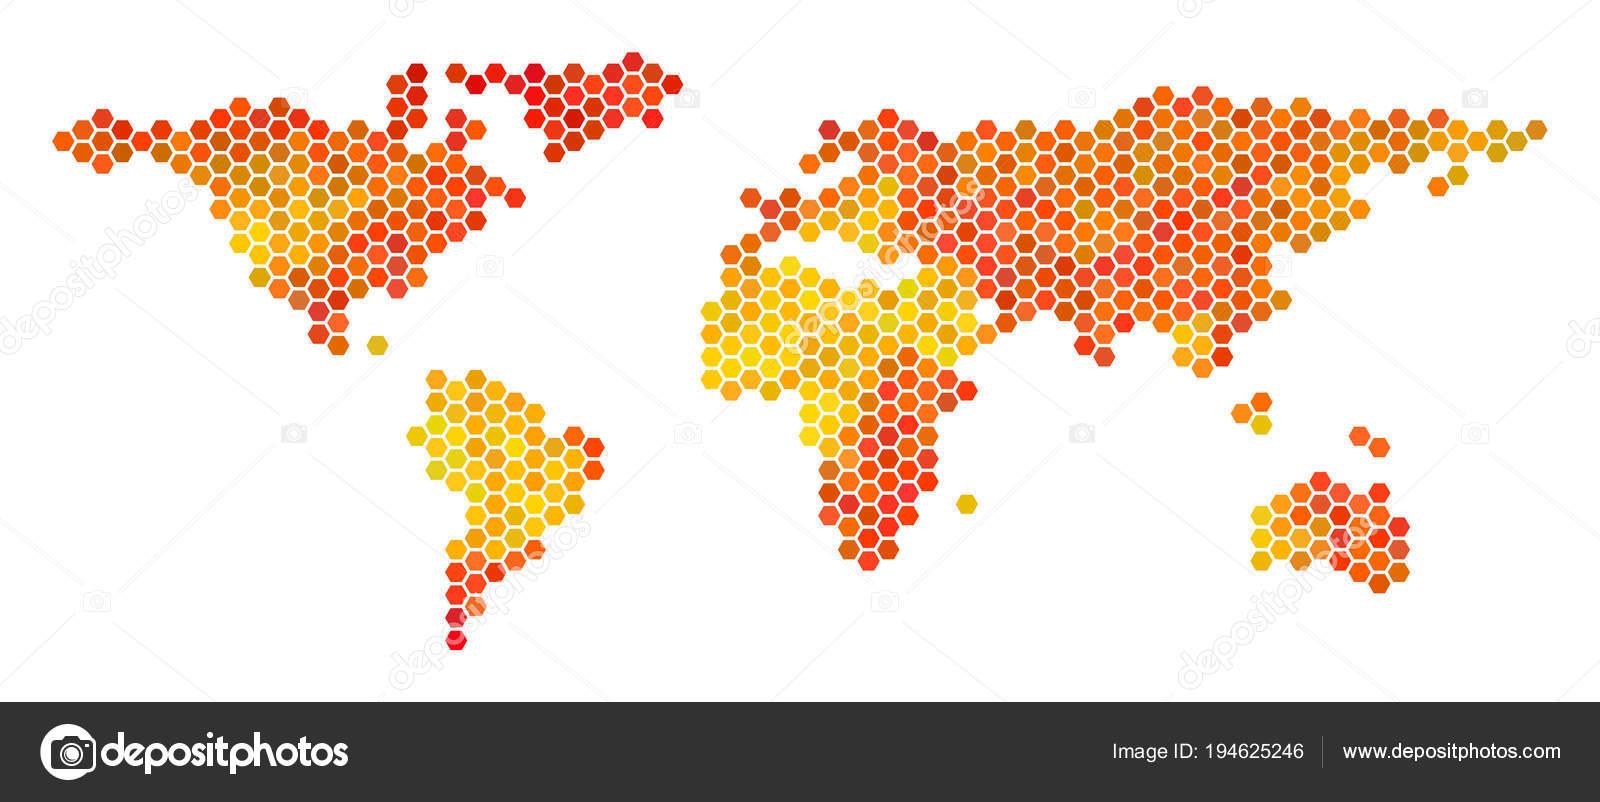 Hot hexagon world map stock vector ahasoft 194625246 hot hexagon world map stock vector gumiabroncs Gallery